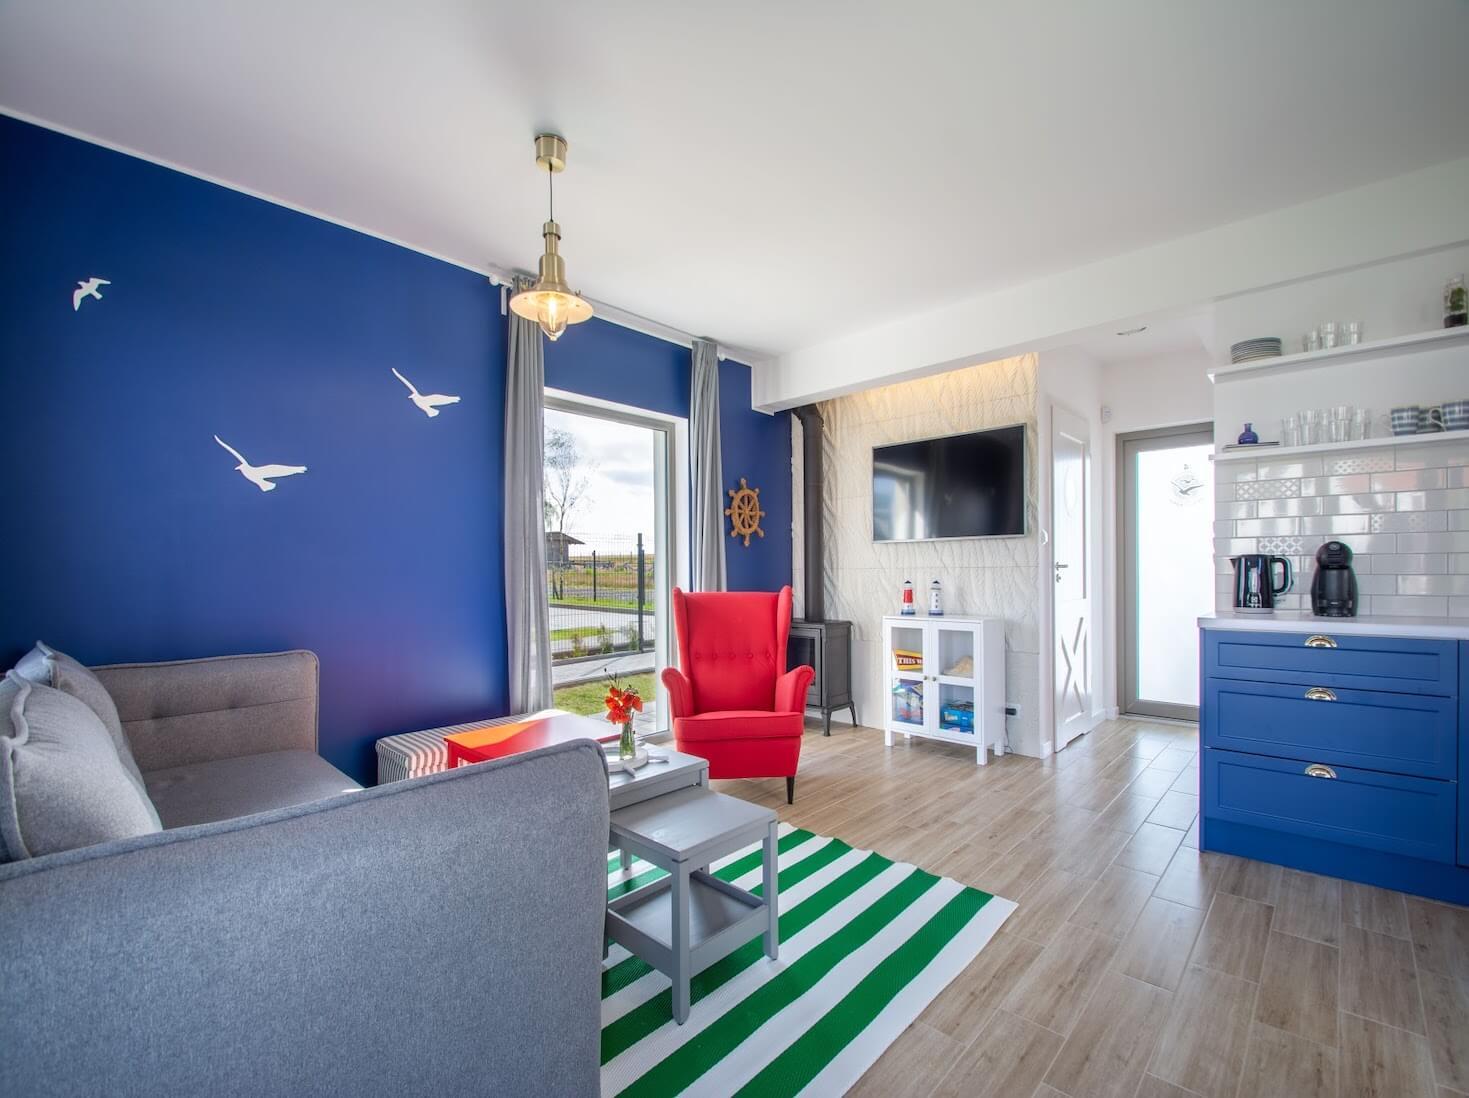 granatowa ściana, dekoracje ścienne, mewy na ścianie, dywan w pasy, pasy, czerwony fotel, fotel uszak